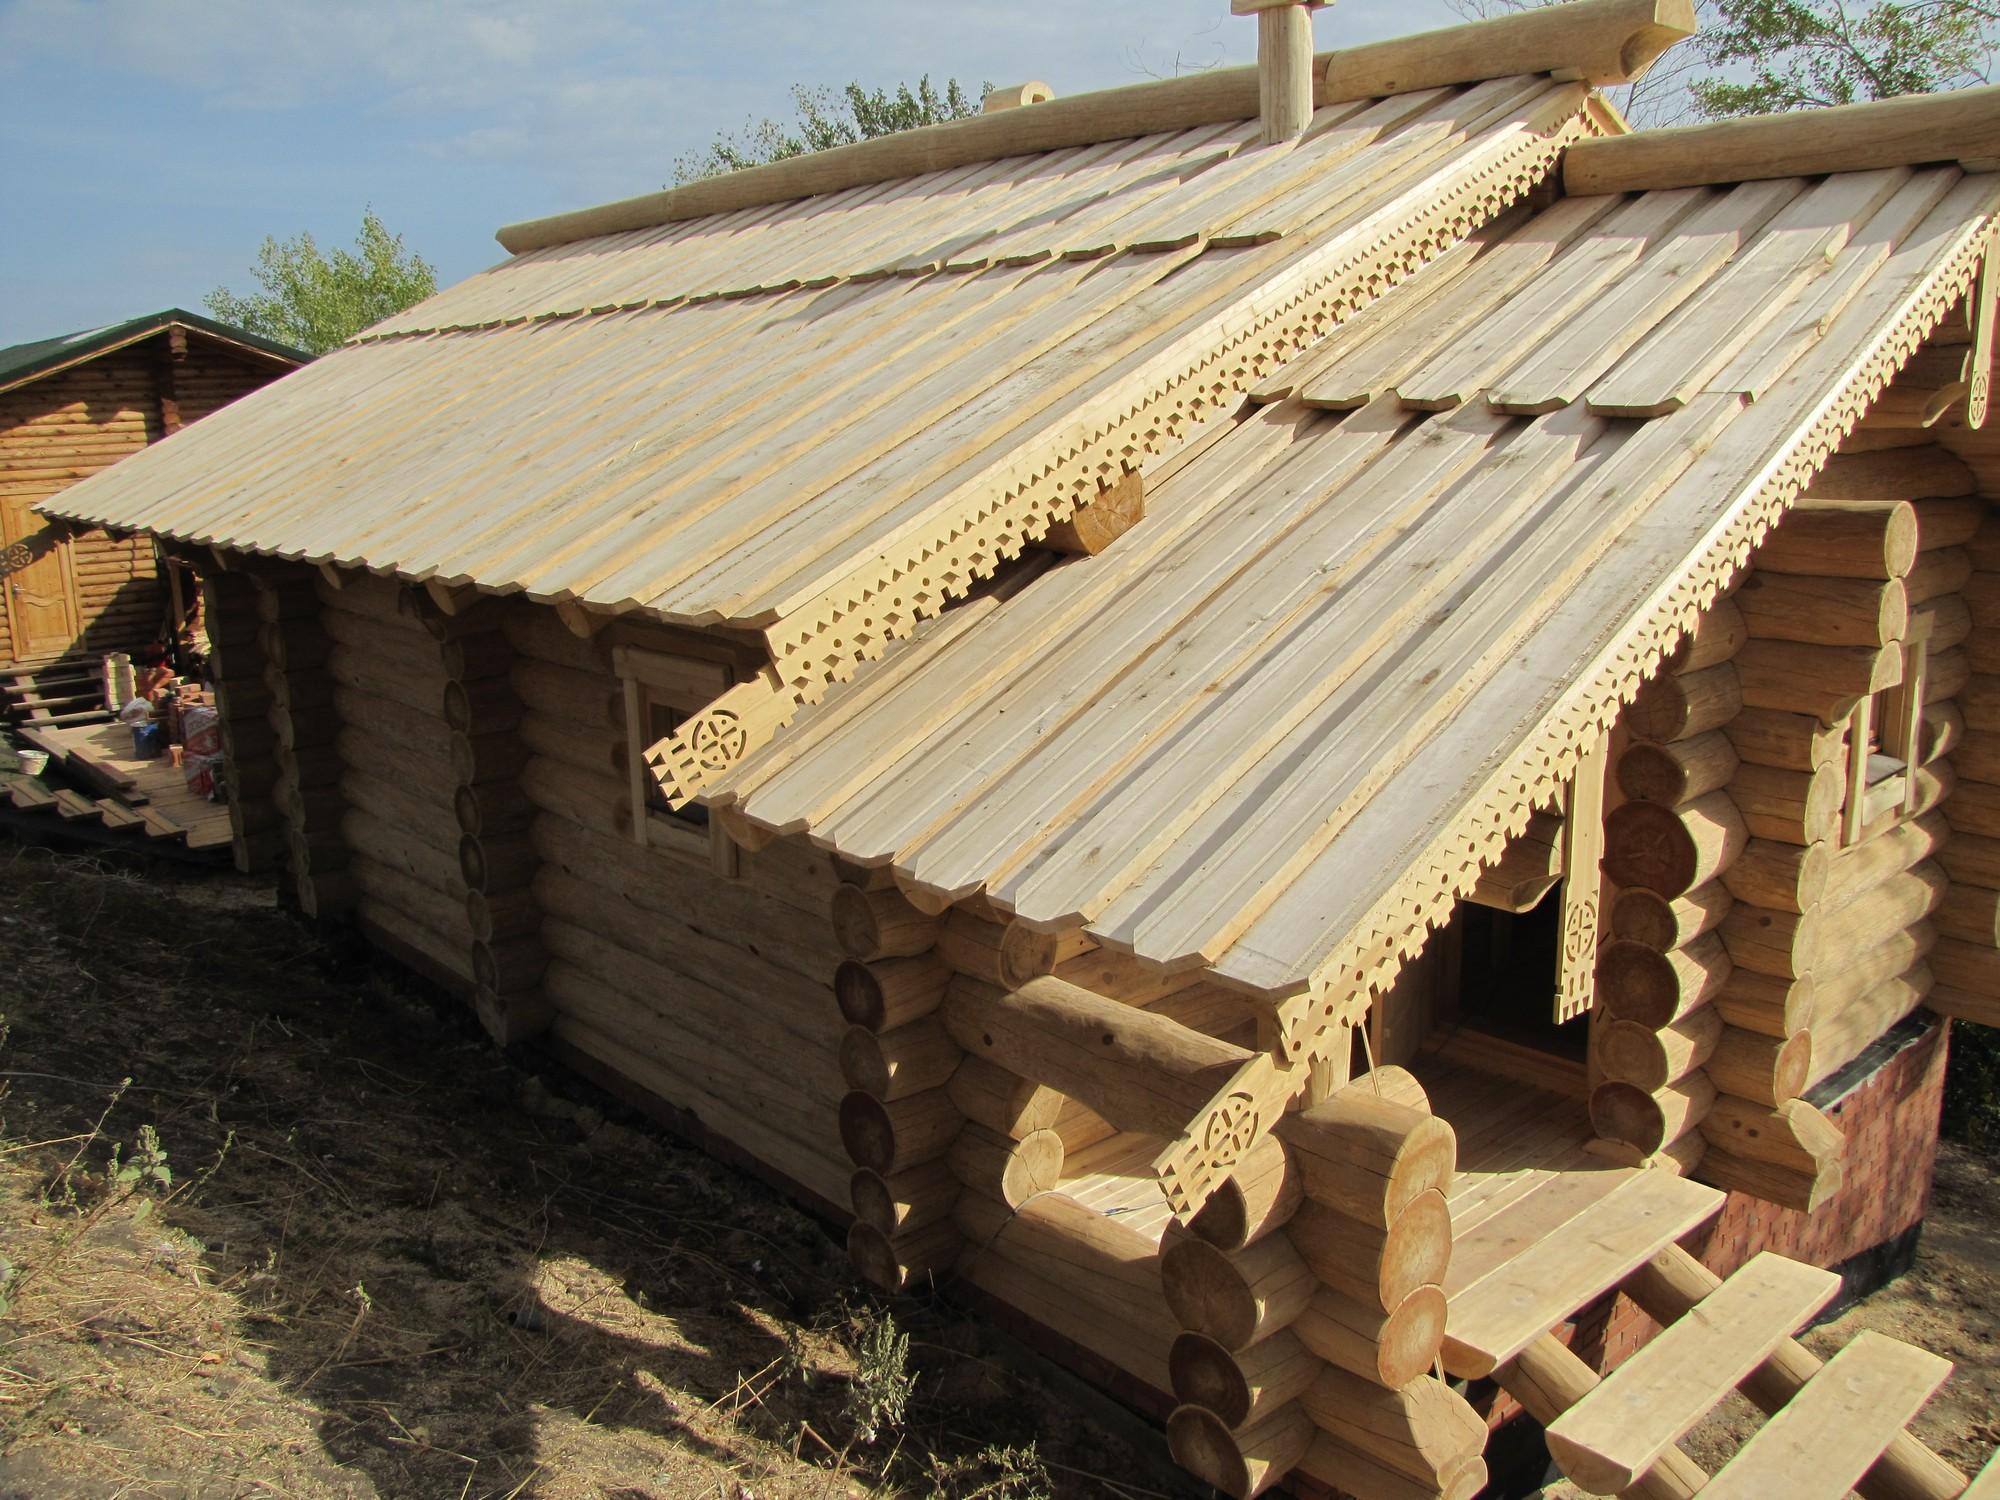 Банная кровля: чем лучше покрыть крышу бани, монтаж конструкции кровли для бани